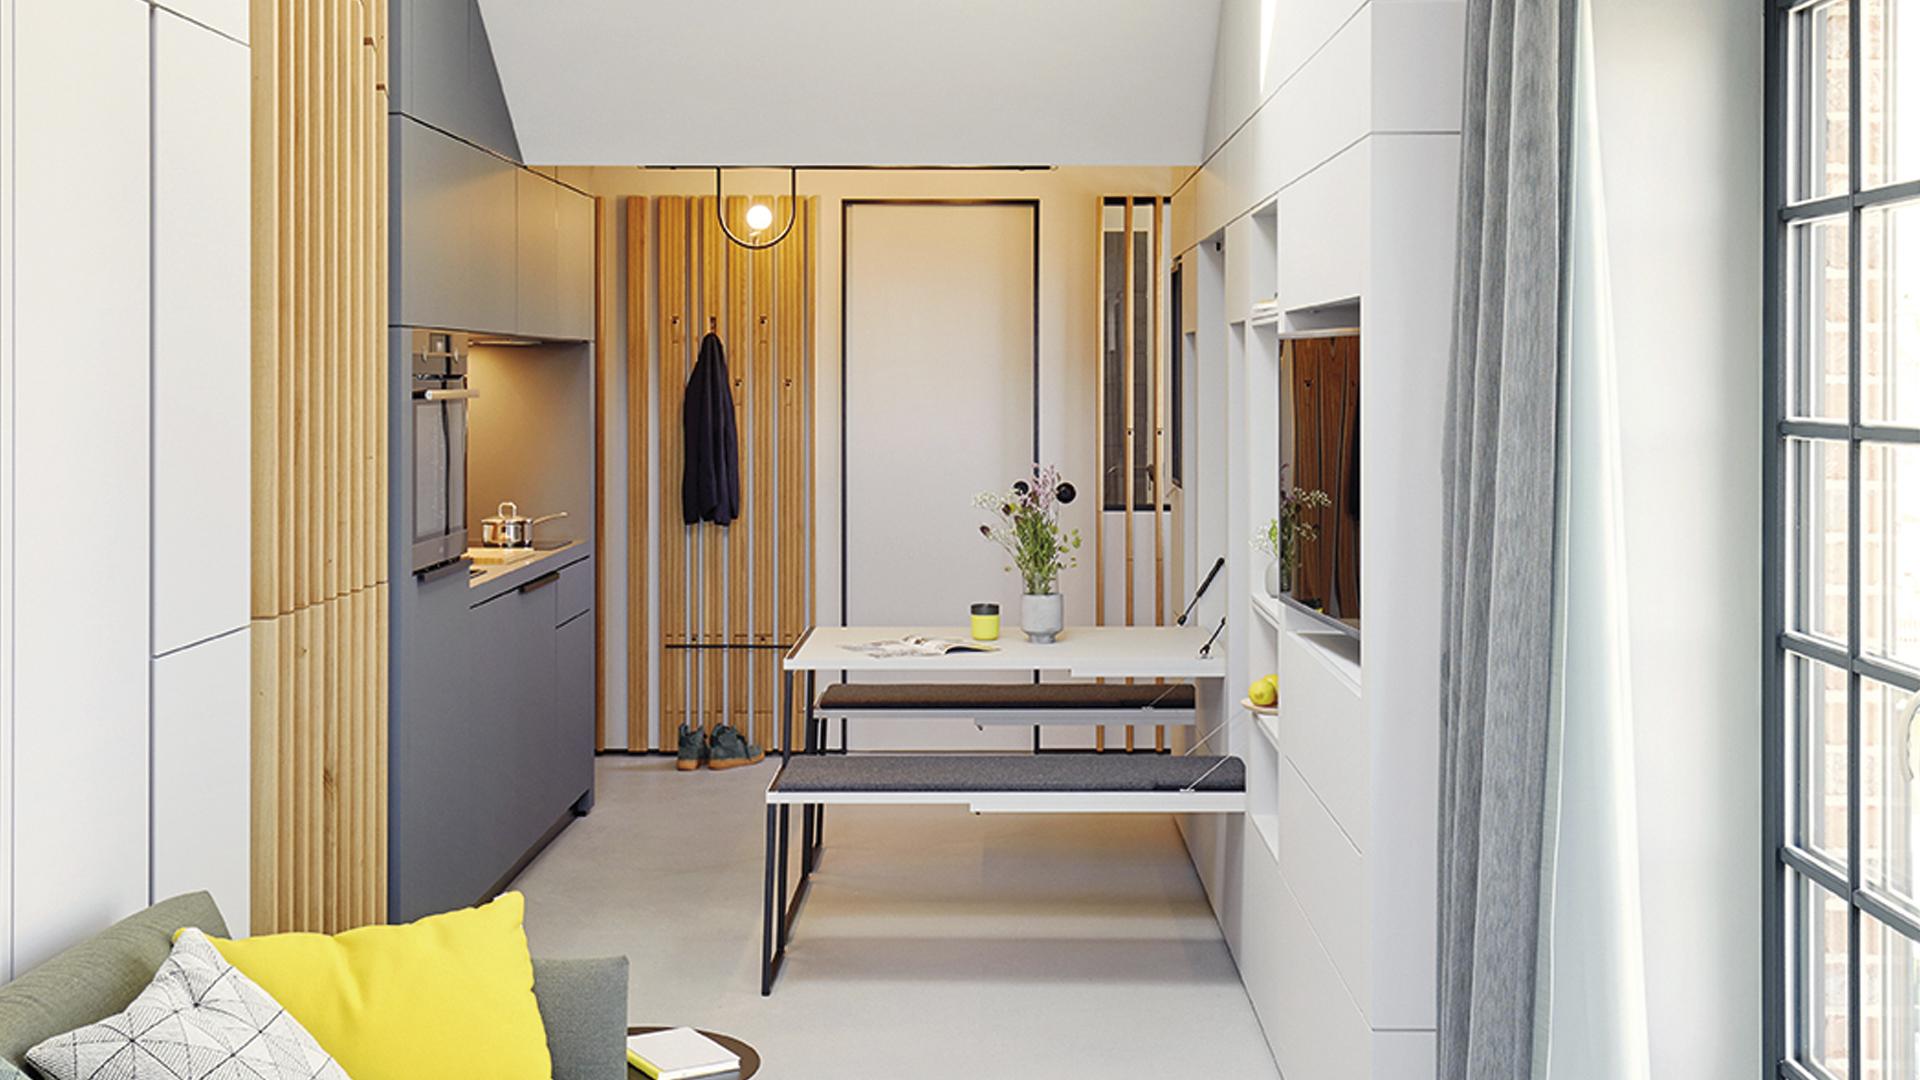 LIGANOVA | MINI | Brand Experience – MINI Apartments